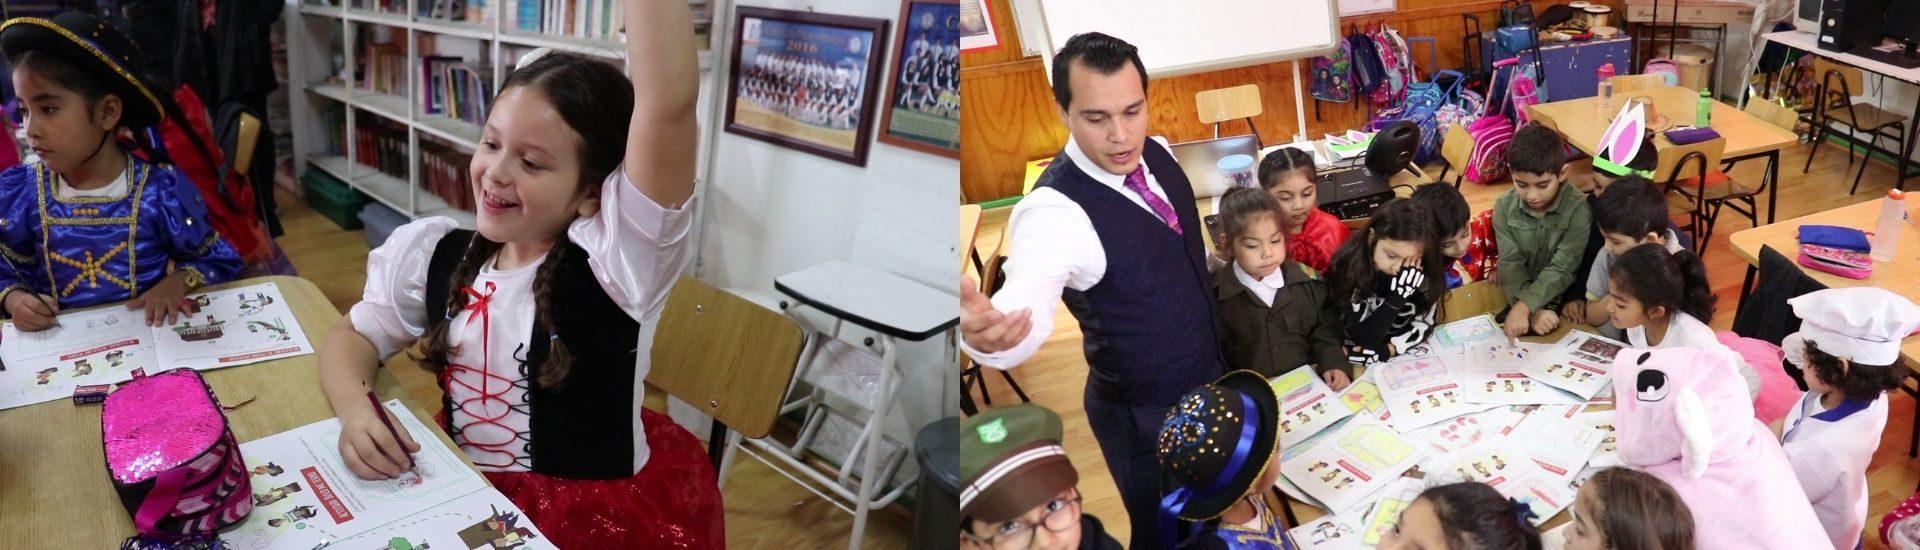 Dos fotos donde aparece el profesor Antonio y sus estudiantes con disfraces